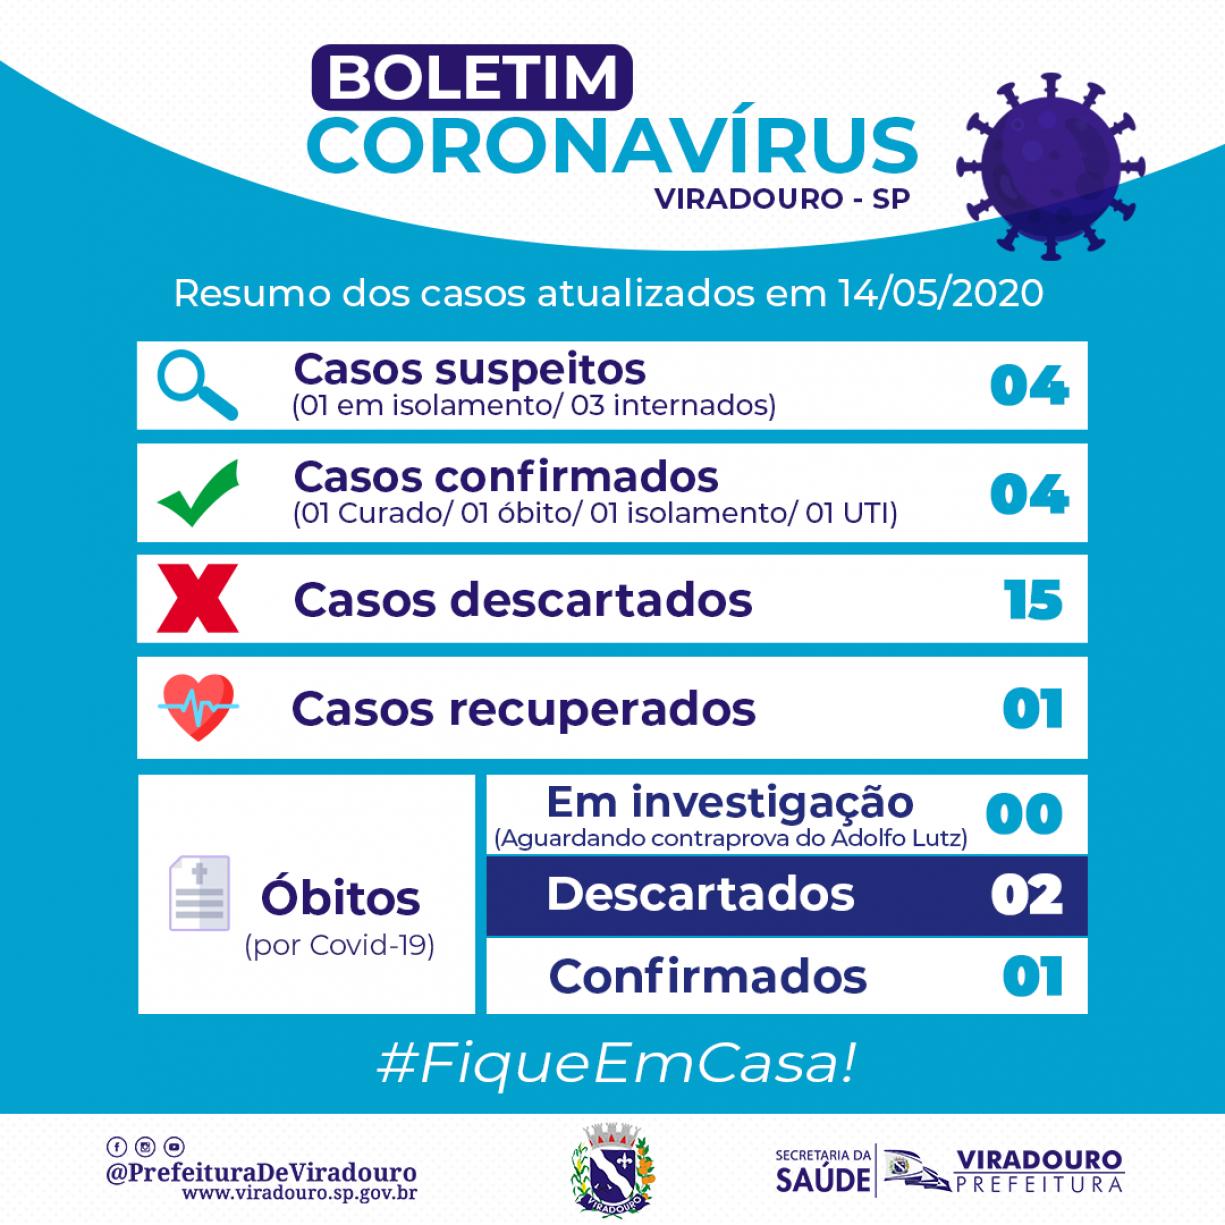 Boletim Epidemiológico Viradouro (Atualização 14/05/2020)